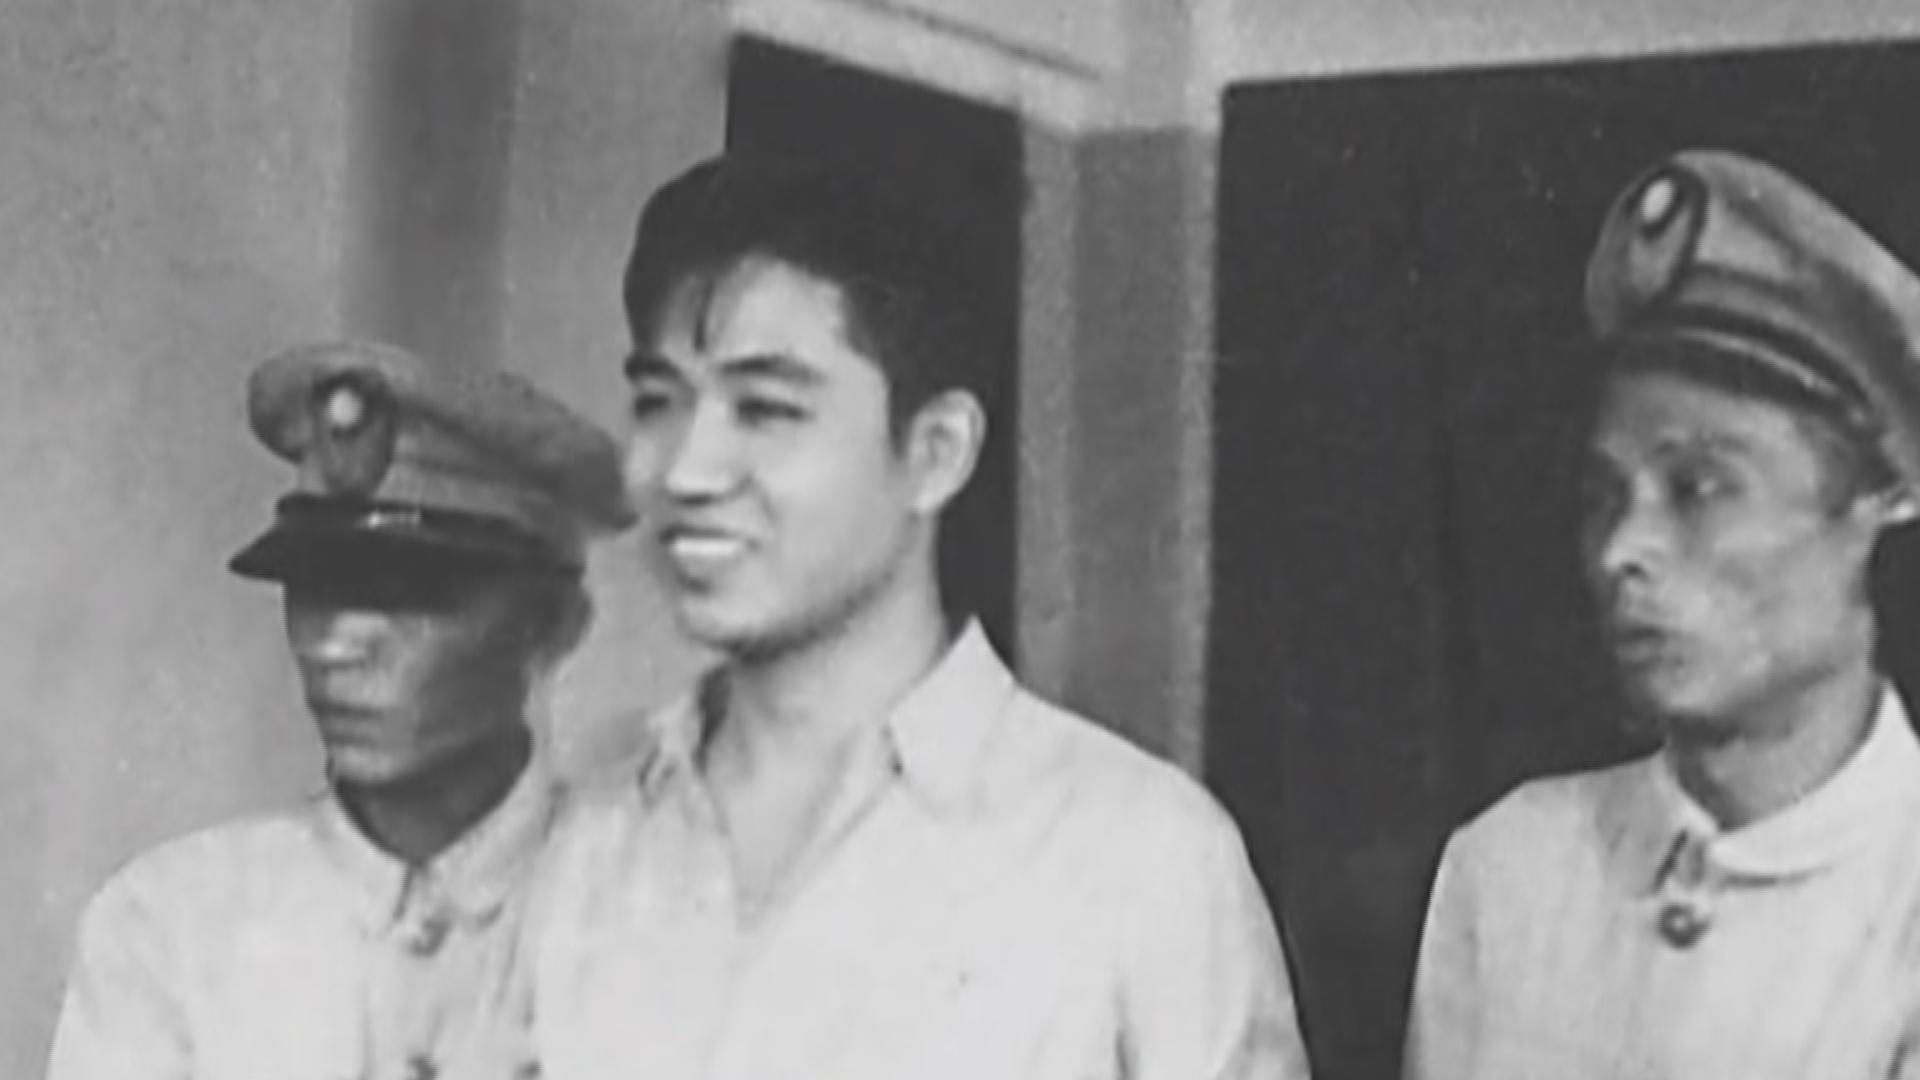 百集微紀錄·紅色檔案丨犧牲前,他留給世人的最后一組照片,全是微笑